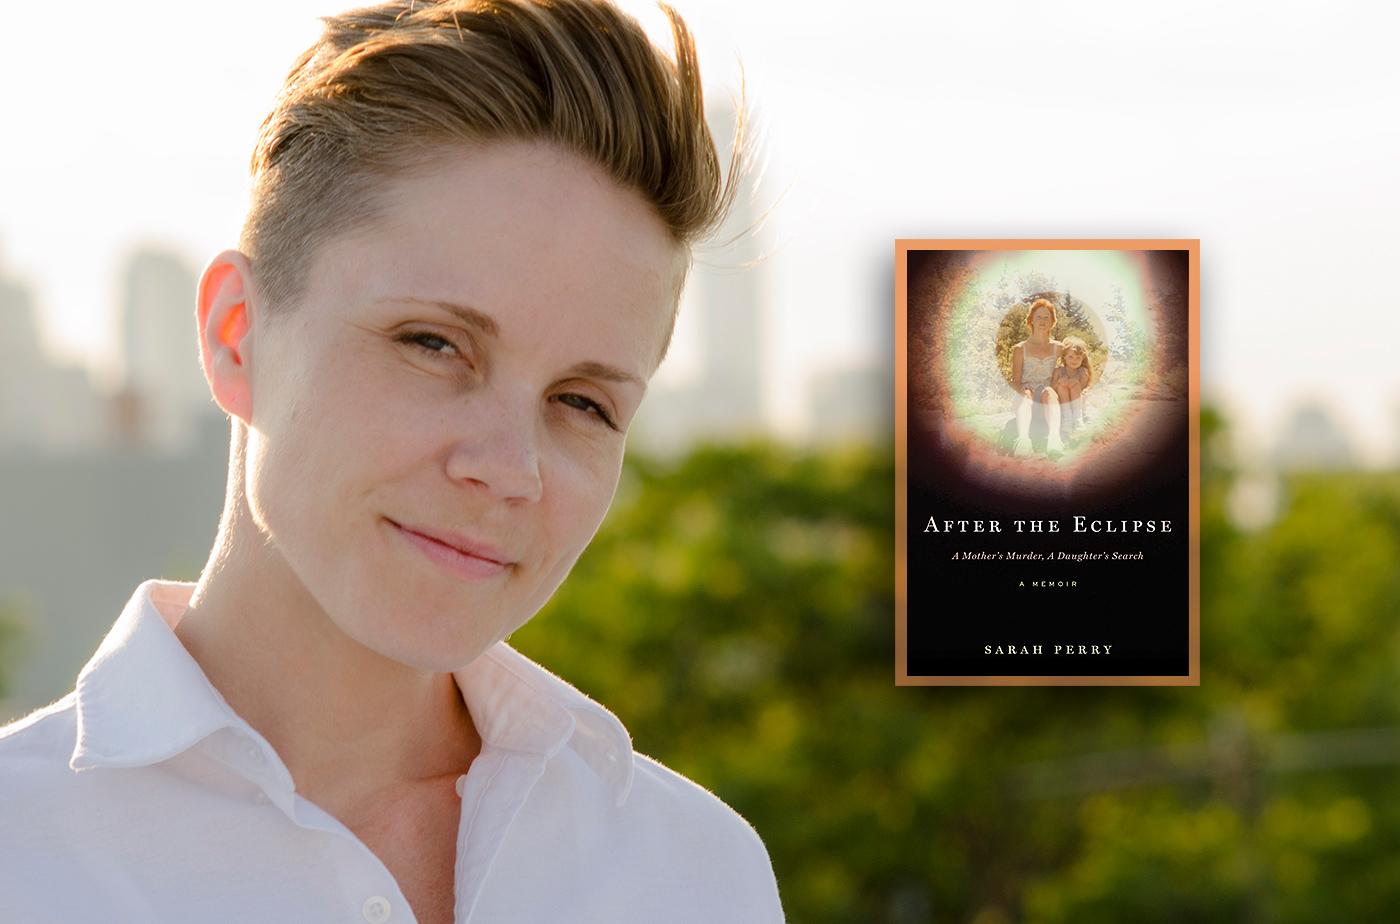 Catapult  classes: Sarah Perry, 6-Week Nonfiction Workshop: Memoir & Personal Essays, Nonfiction, Workshop